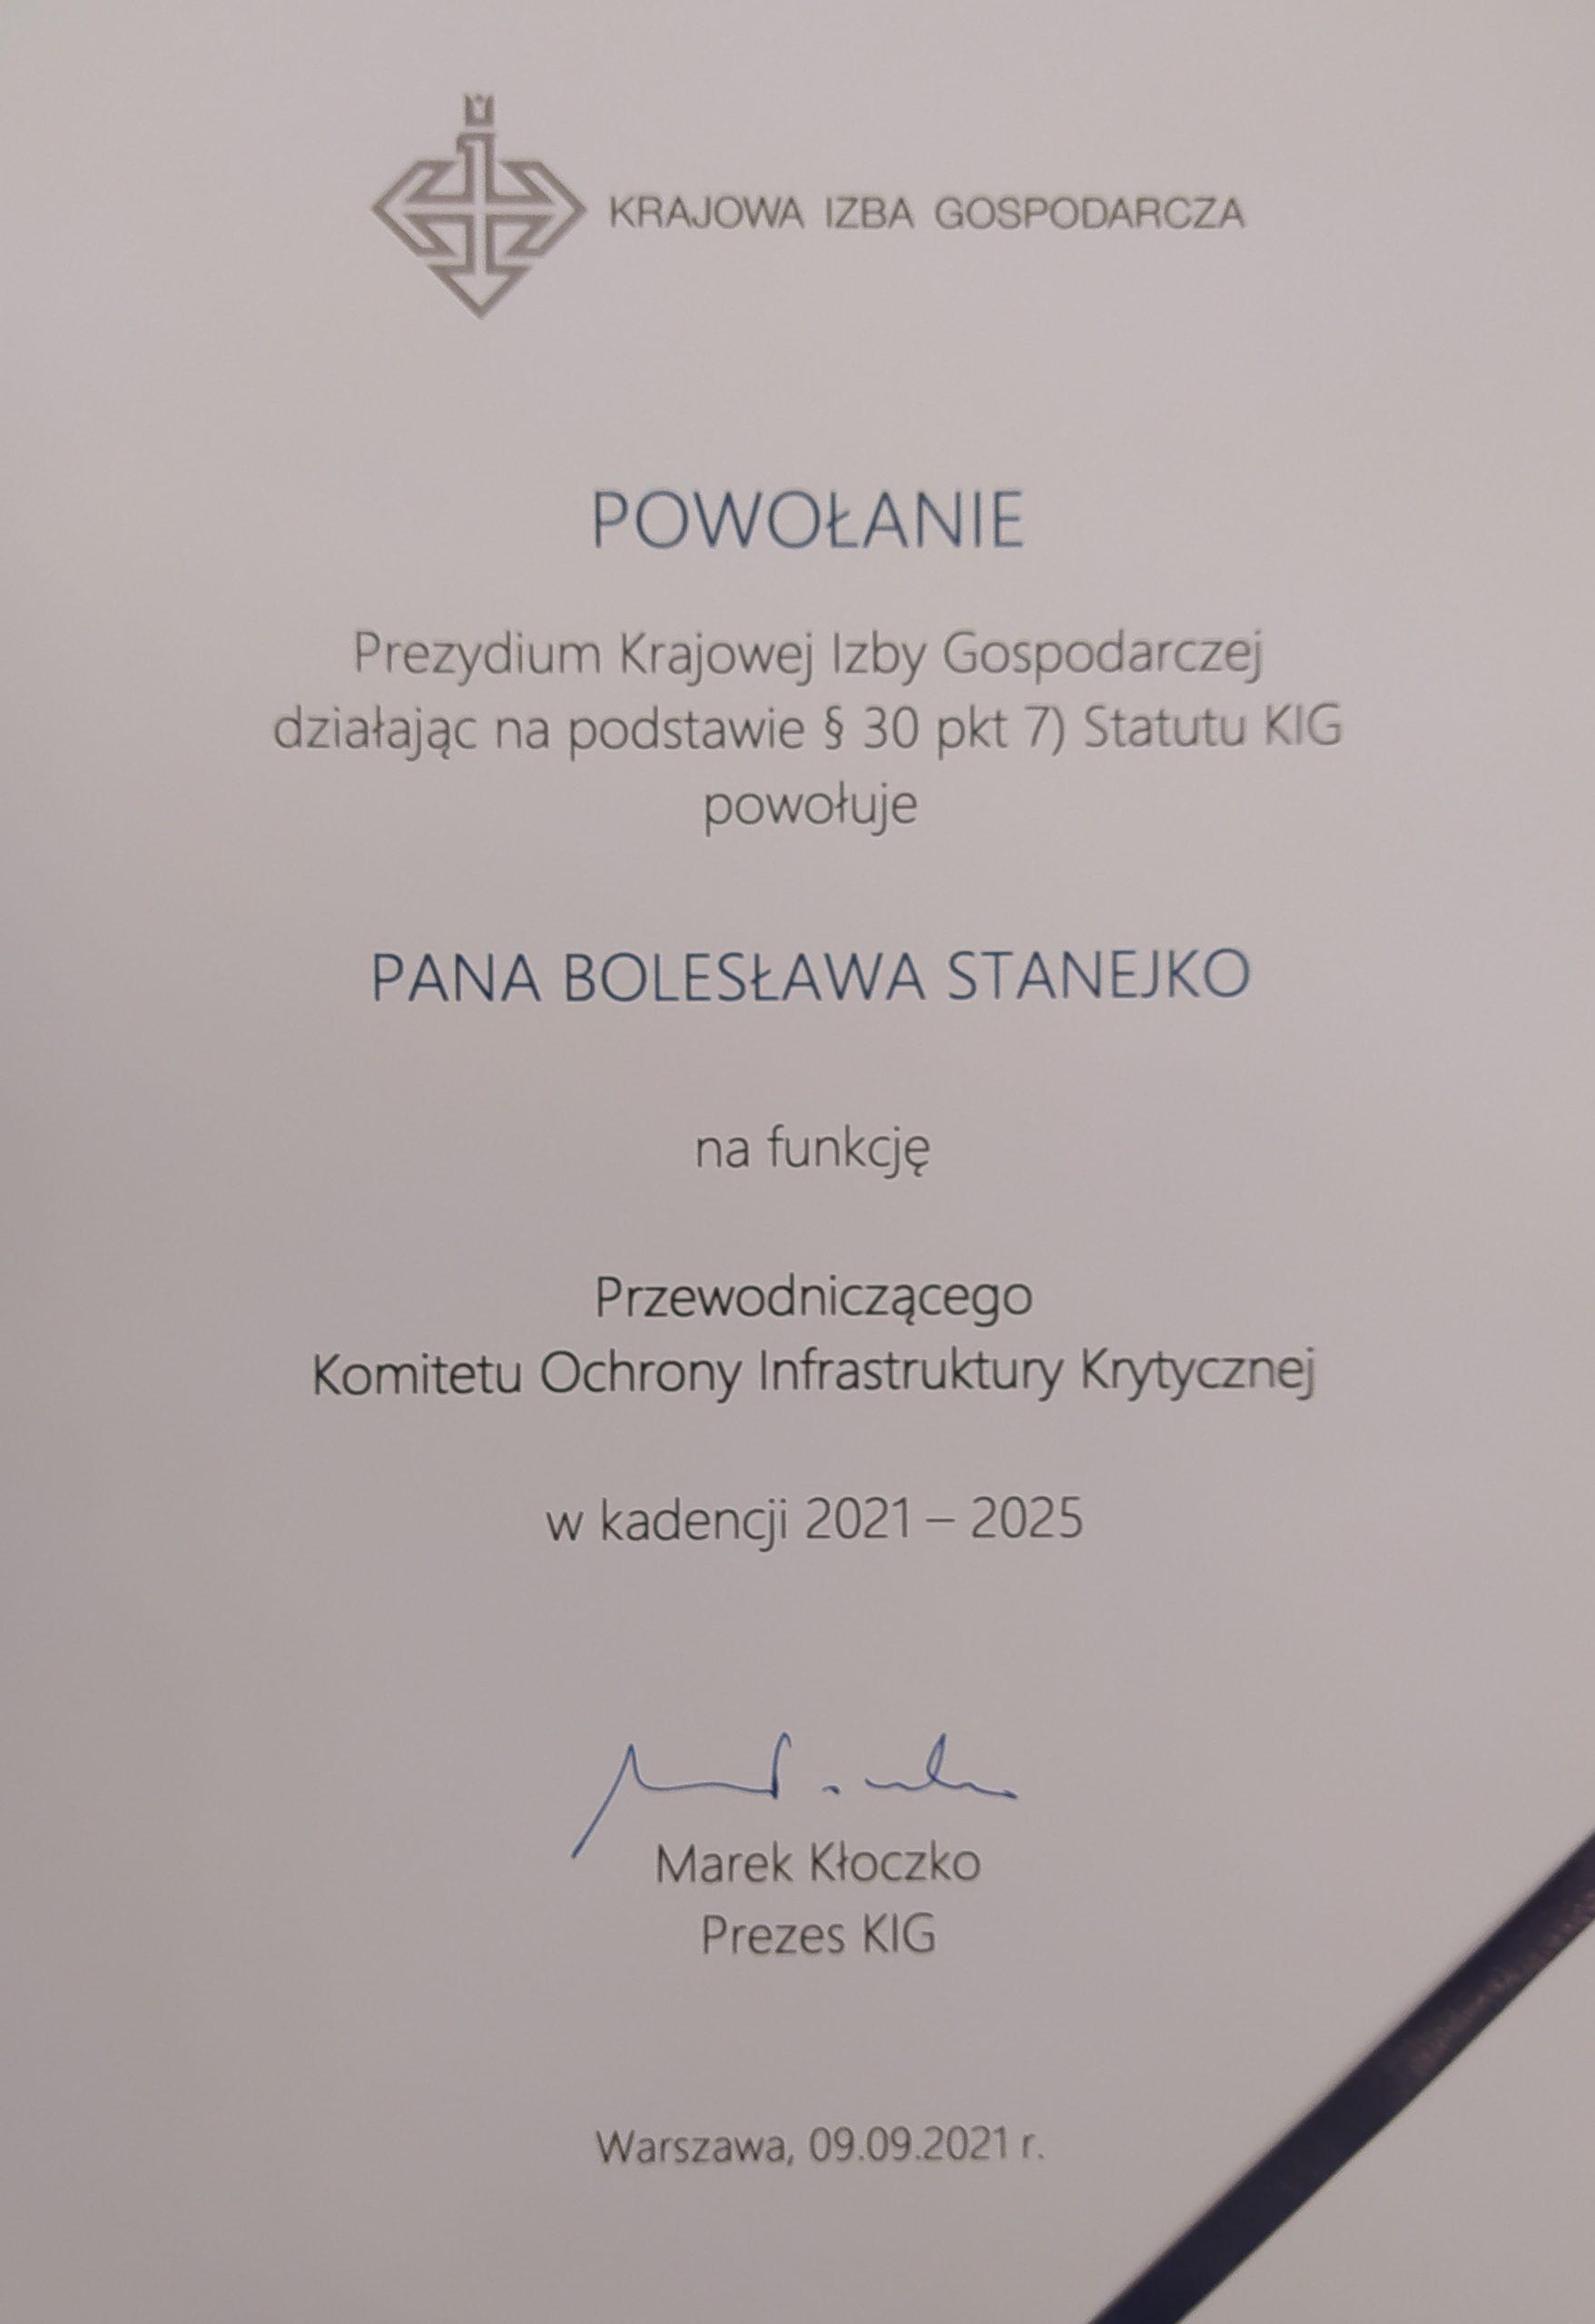 Członek Rady Programowej i wykładowca OS PISA przewodniczącym KOMITETU OCHRONY INFRASTRUKTURY KRYTYCZNEJ